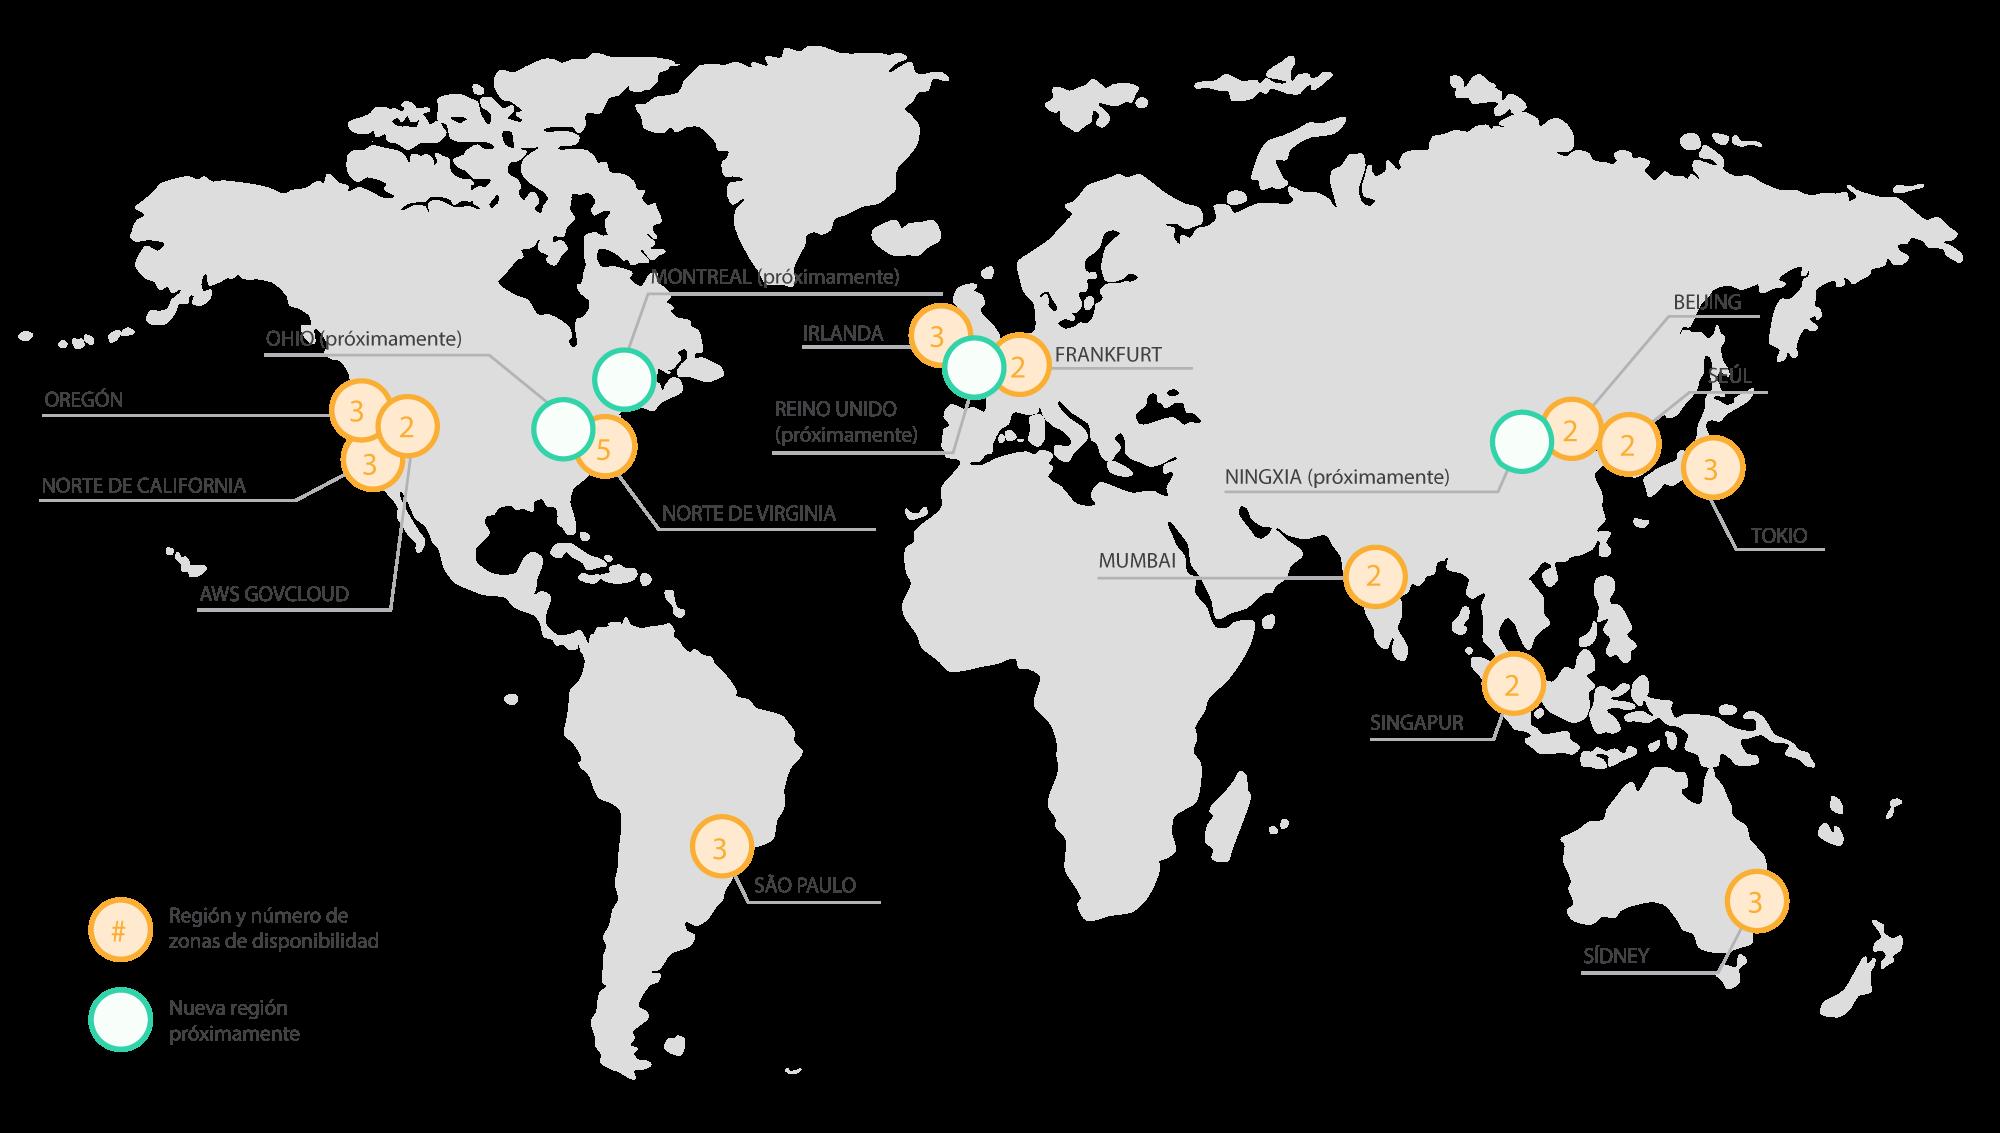 Protección de datos - Amazon Web Services (AWS)